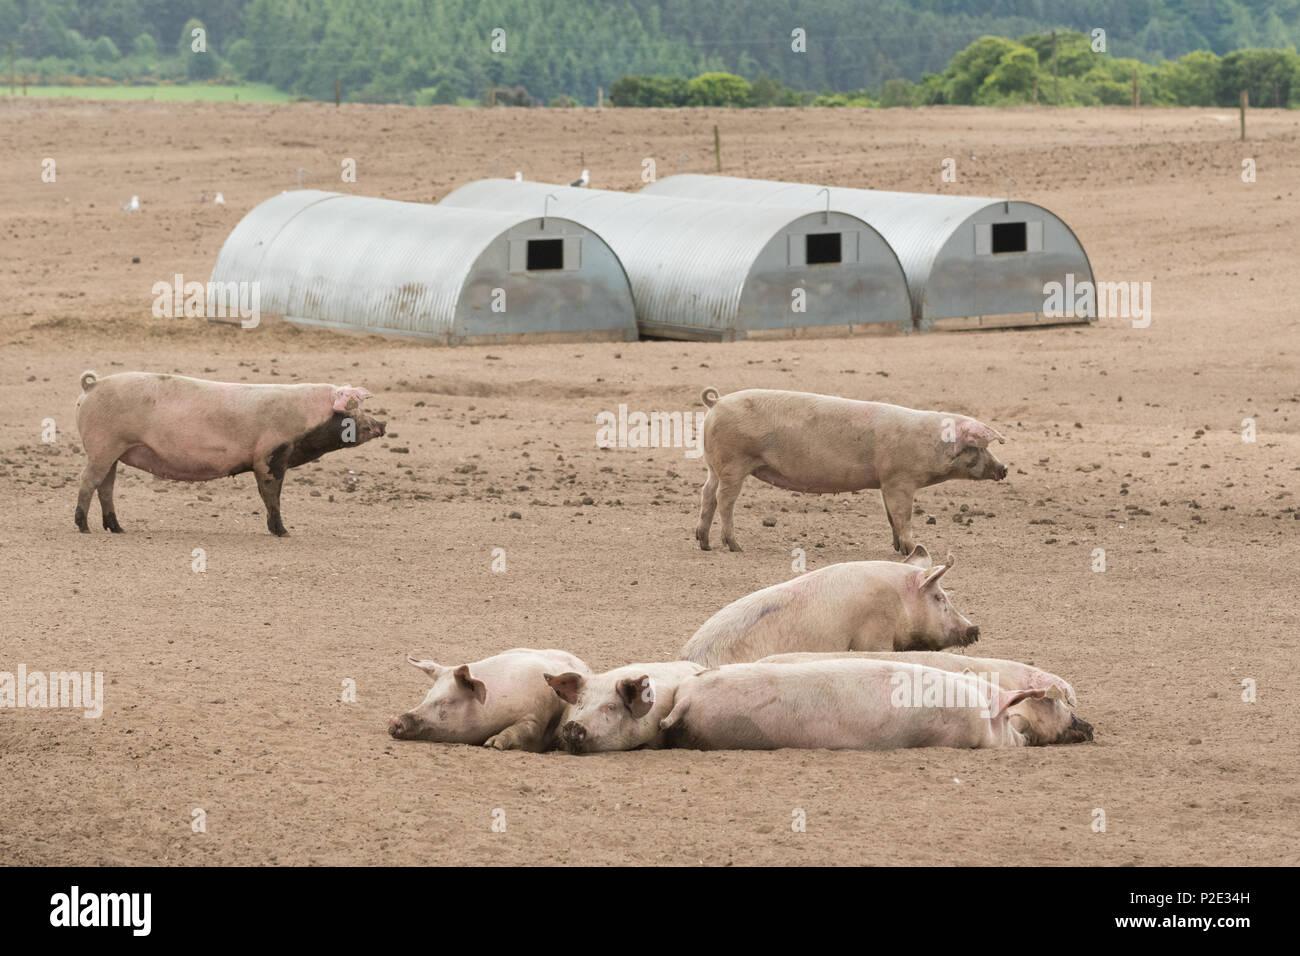 Freie Strecke Schweinefarm Schottland Großbritannien Stockbild